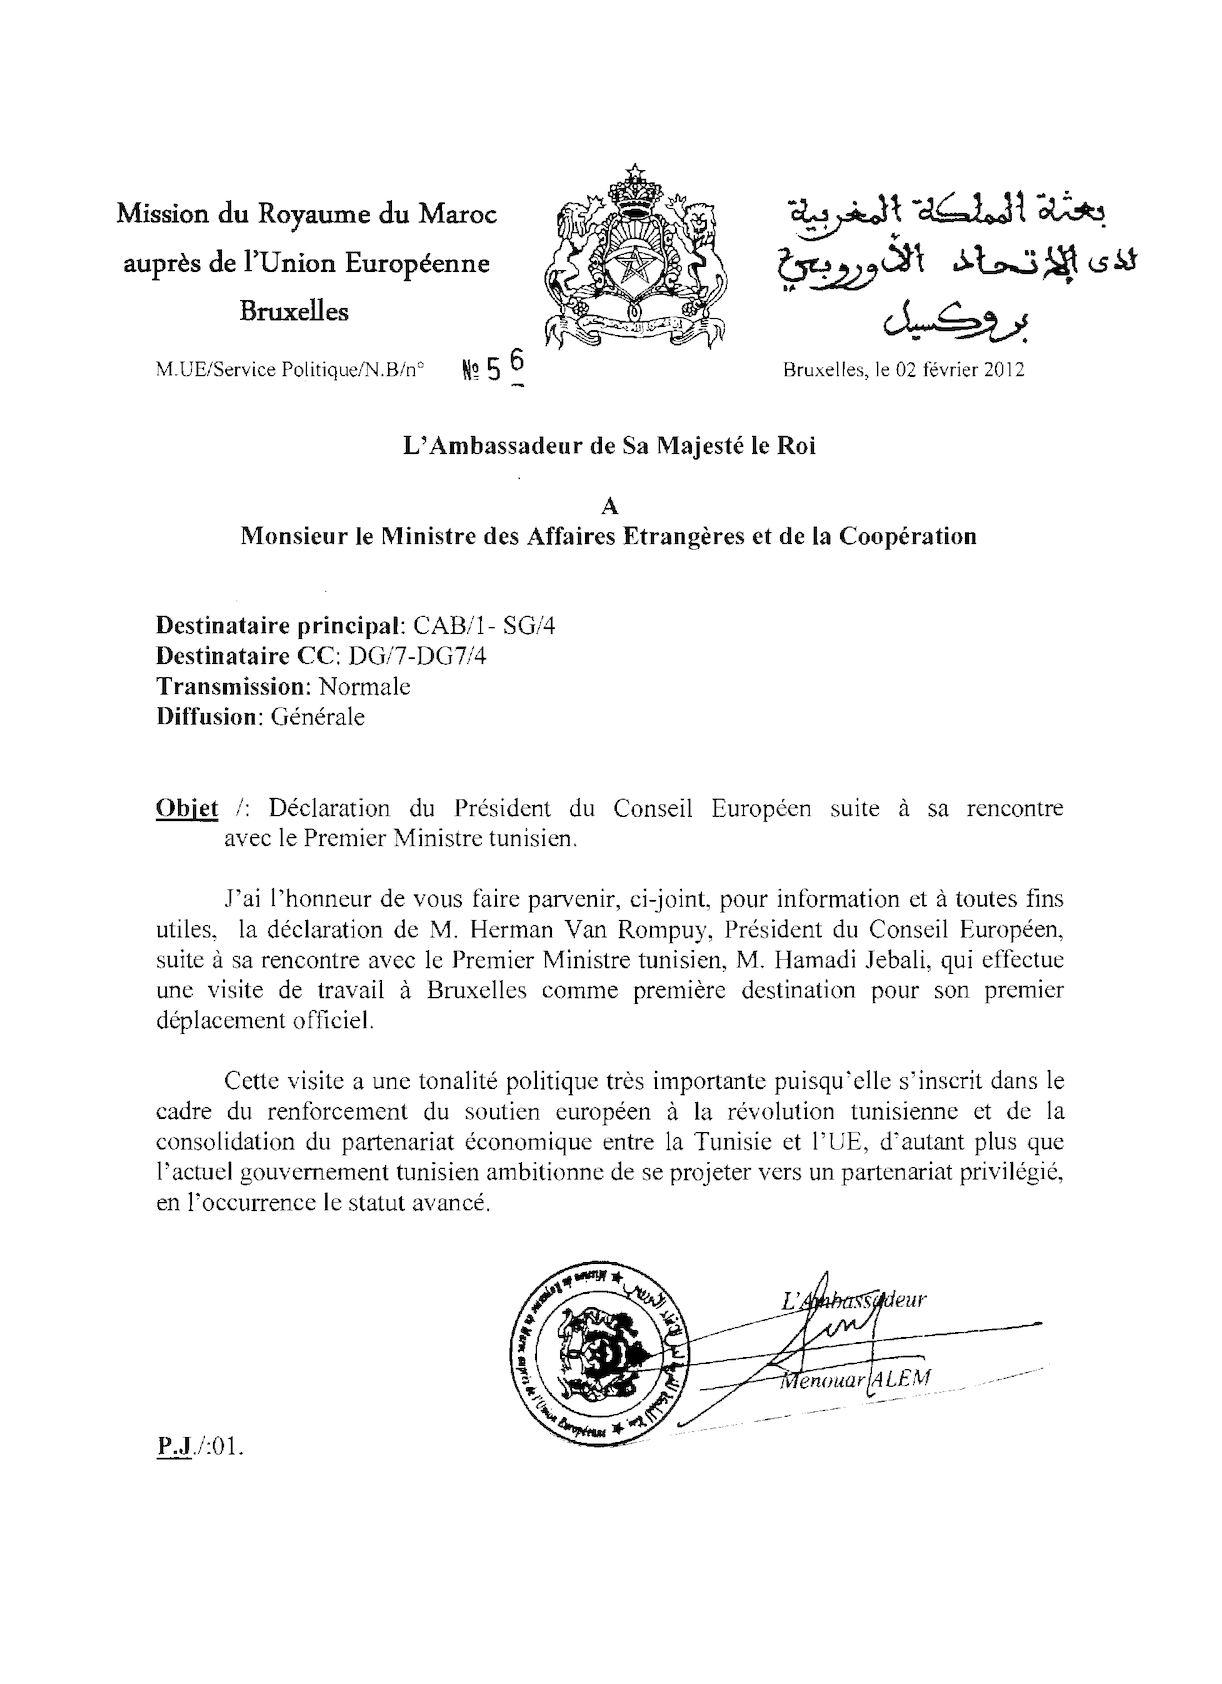 Déclaration Du Président Du CE Suite à Sa Rencontre Avec Le Premier Ministre Tunisien